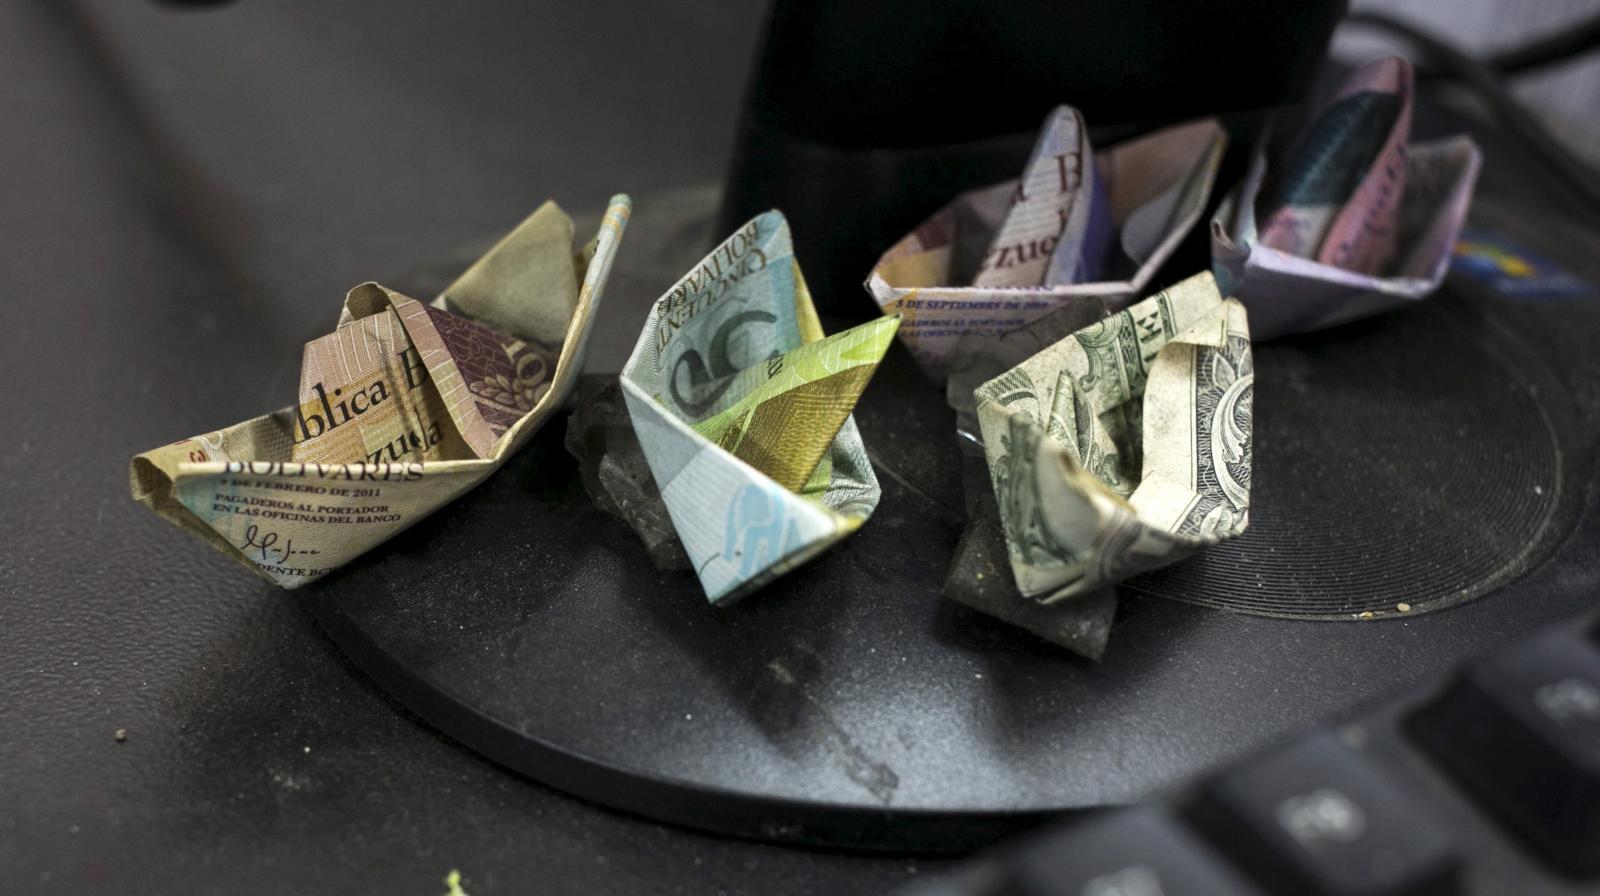 به ادعای بلومبرگ و به نقل از افراد نزدیک به بانک مرکزی ونزوئلا، ذخیره پول نقد این کشور بحران زده اکنون به 800 میلیون دلار و 200 میلیون دلار دیگر در قالب دارایی های شناور رسیده است.